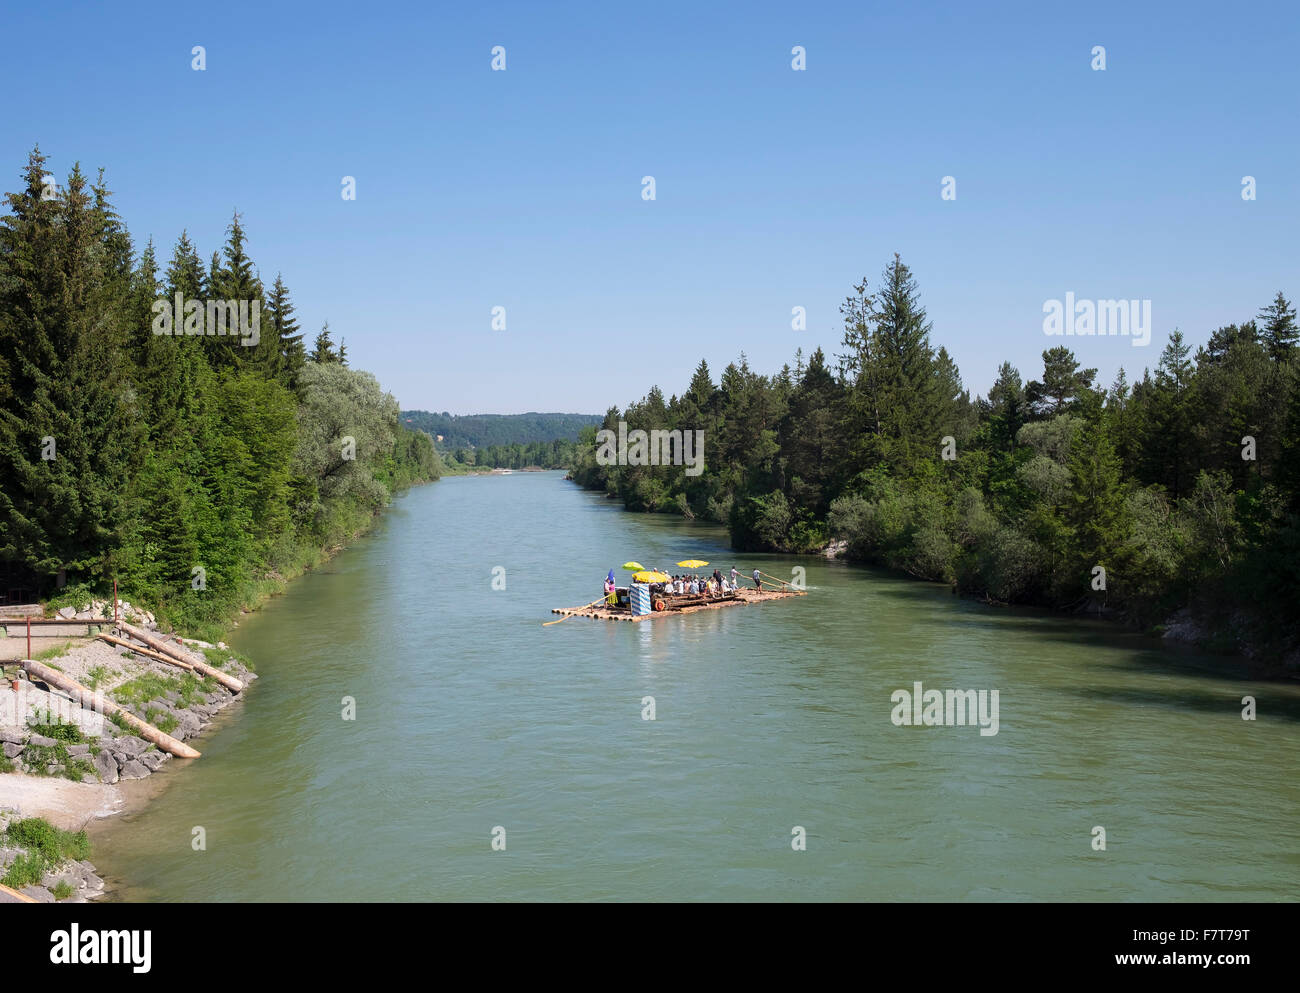 Viaje en Balsa por el río Isar, reserva natural, Pupplinger Isarauen Au, Wolfratshausen, Alta Baviera, Baviera, Imagen De Stock